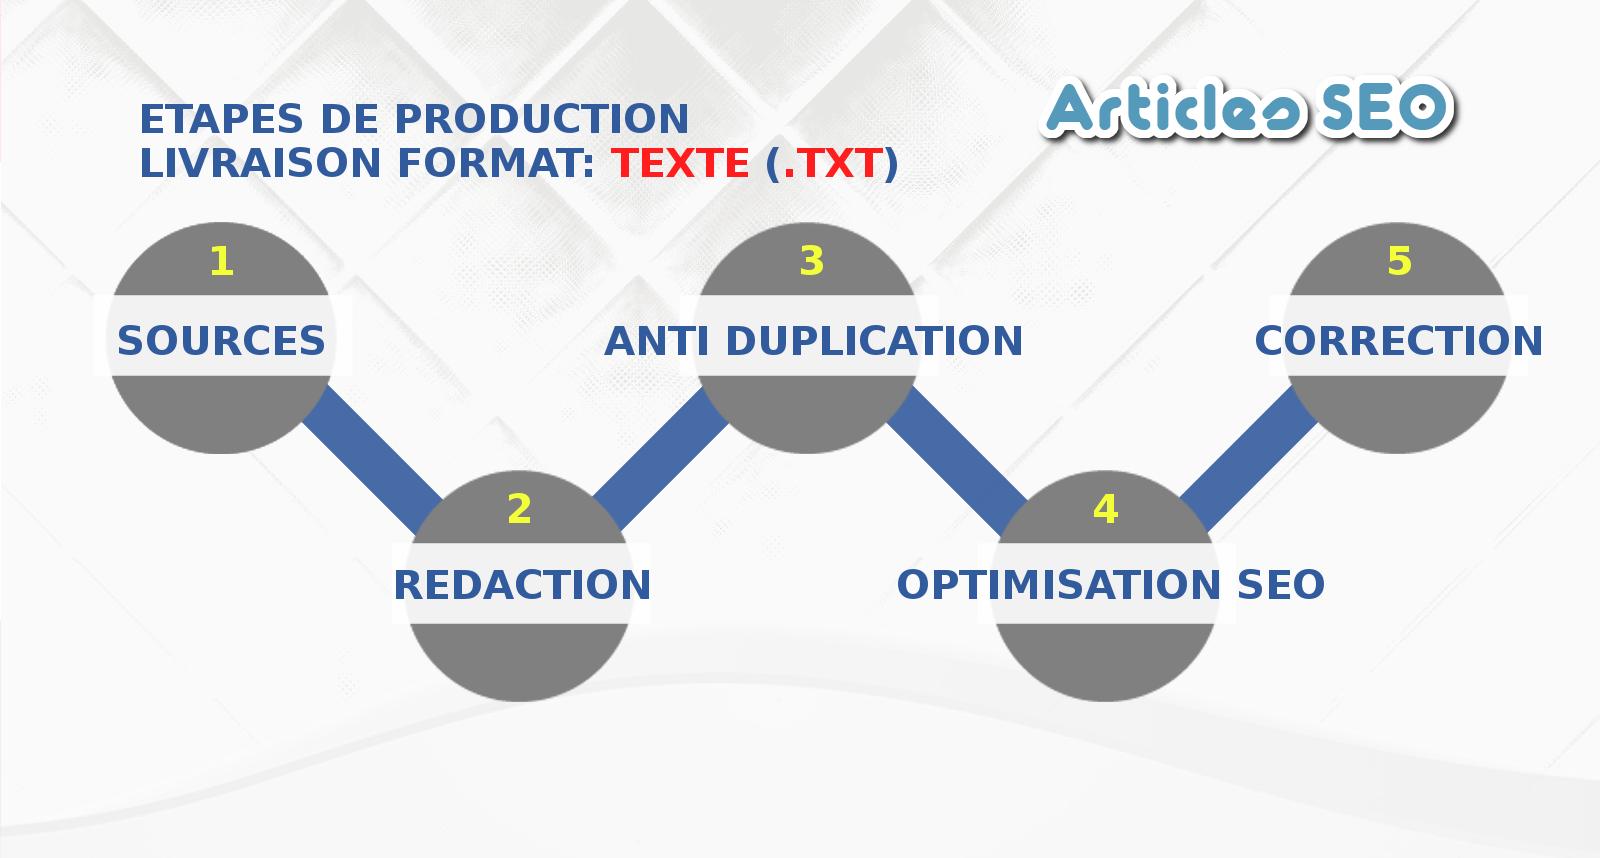 Article SEO, Schéma de production 1